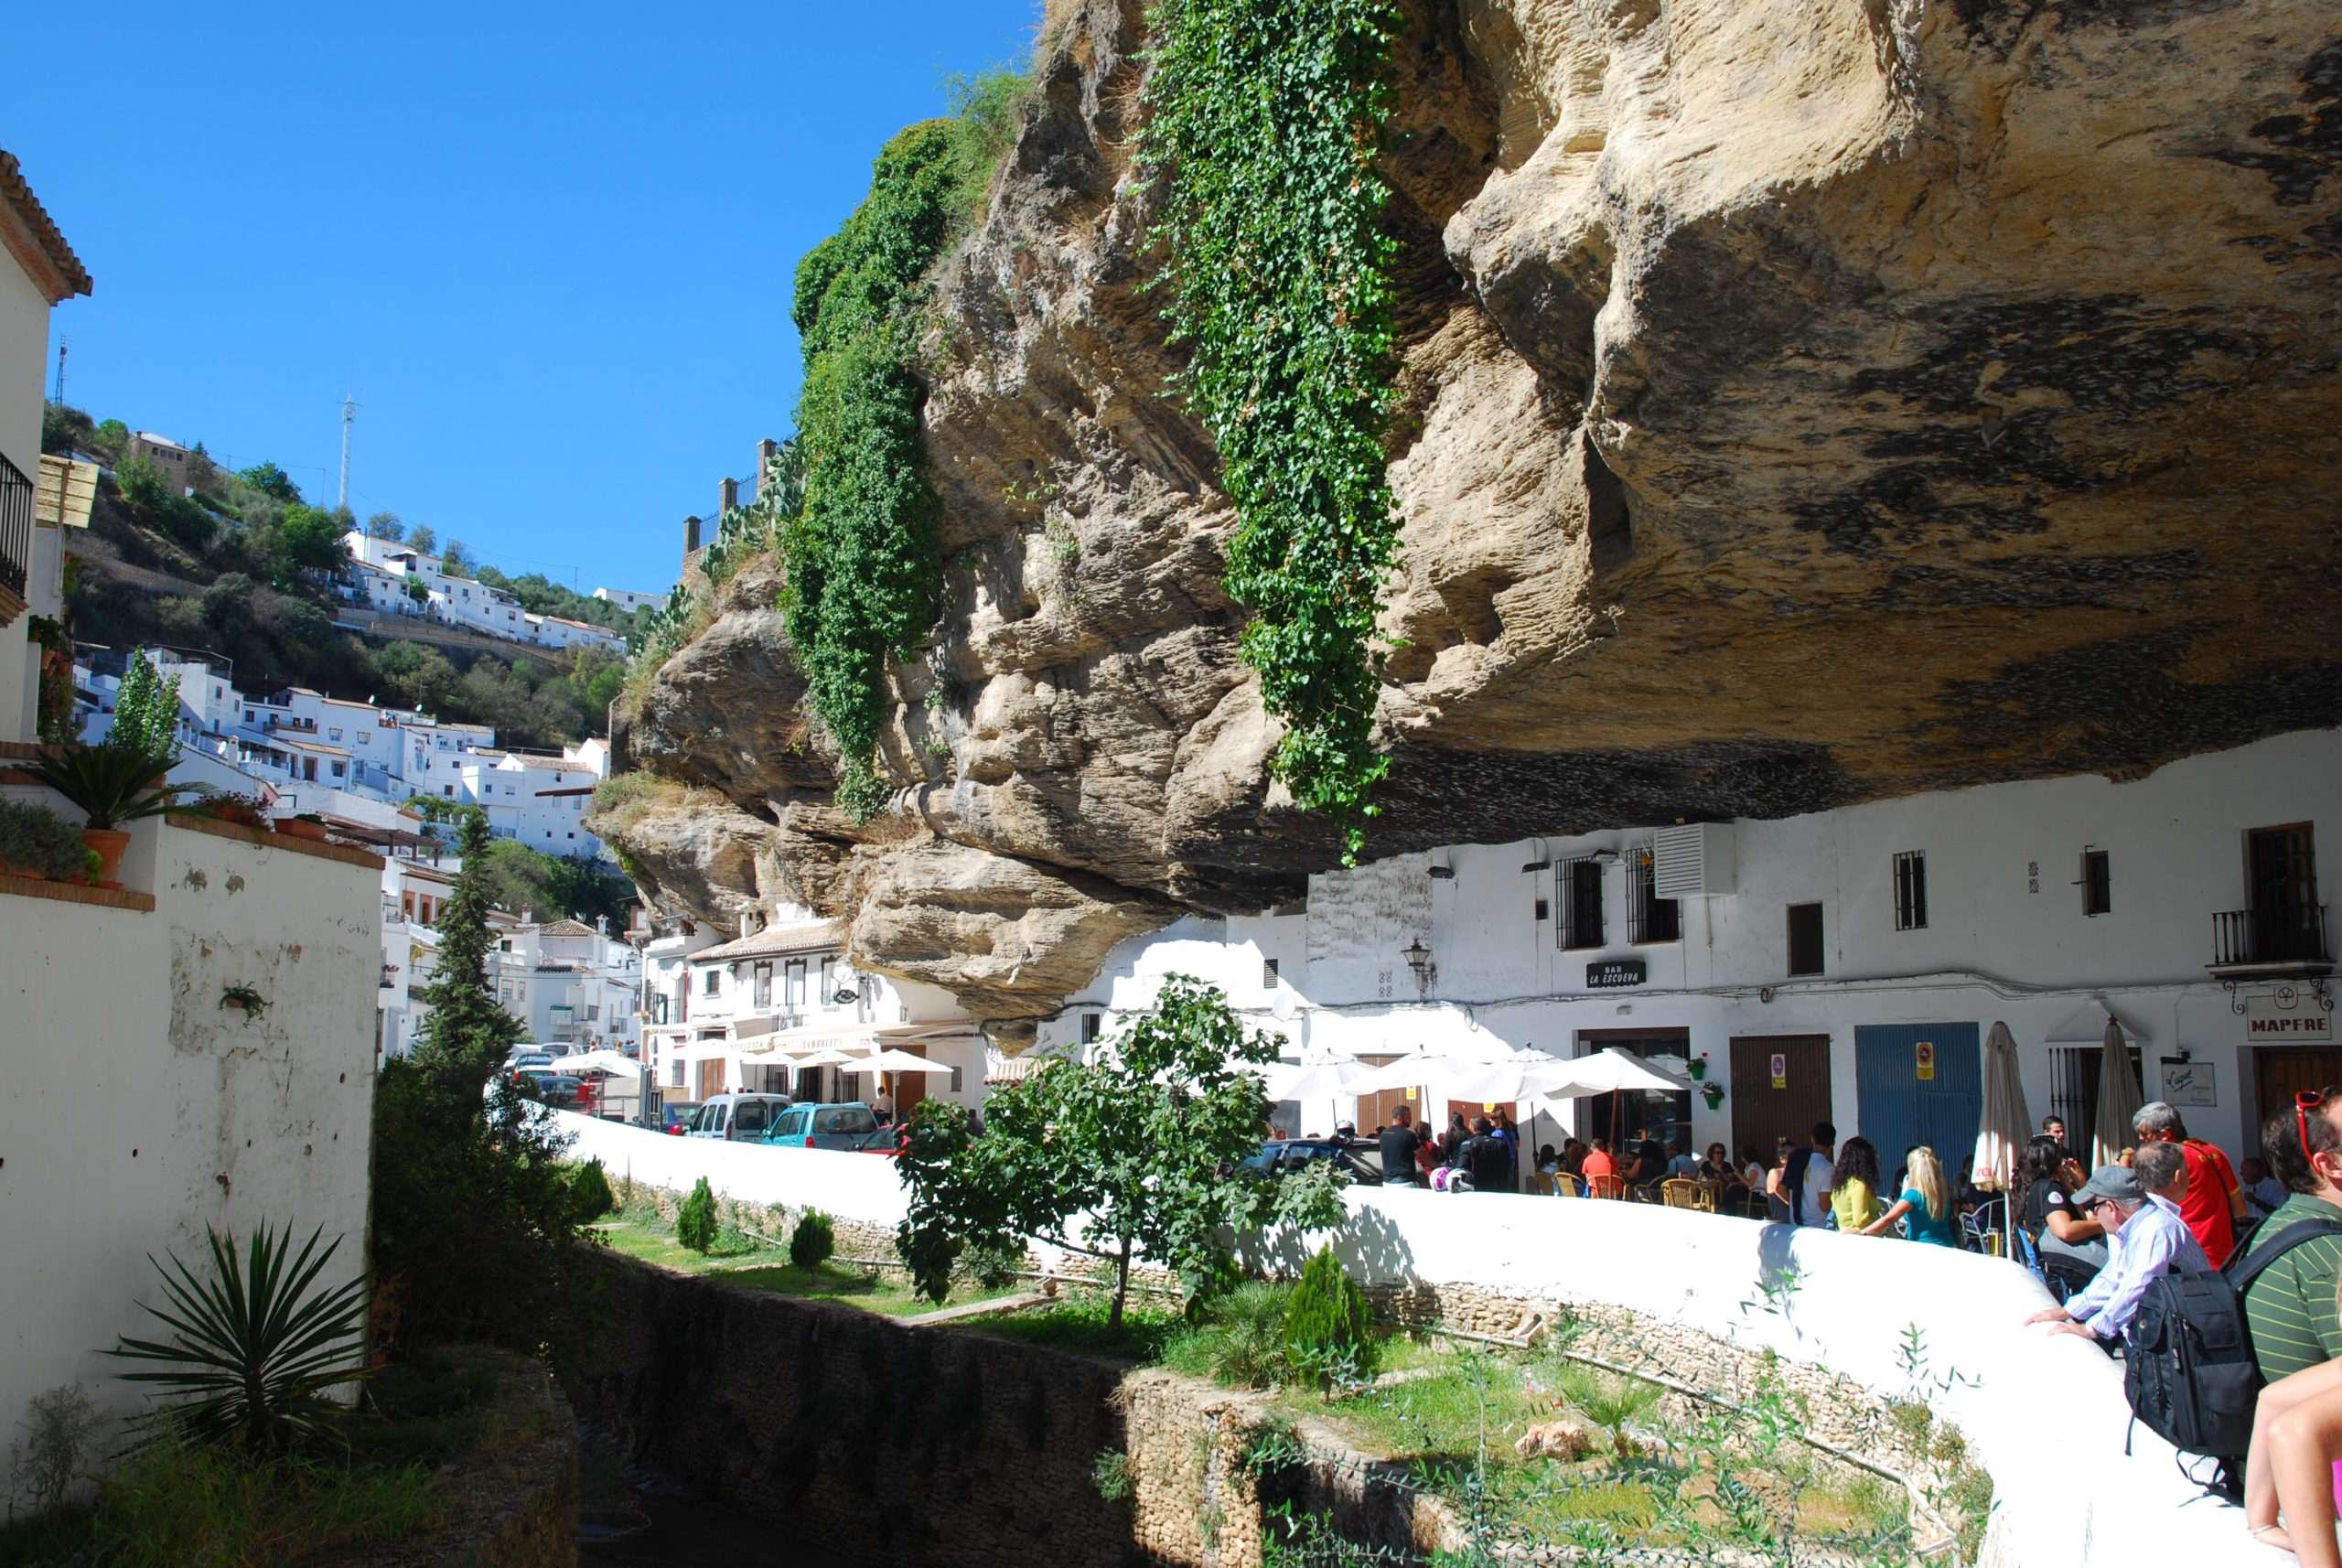 Diez rincones maravillosos de andaluc a tourse viajes - Casa home malaga ...